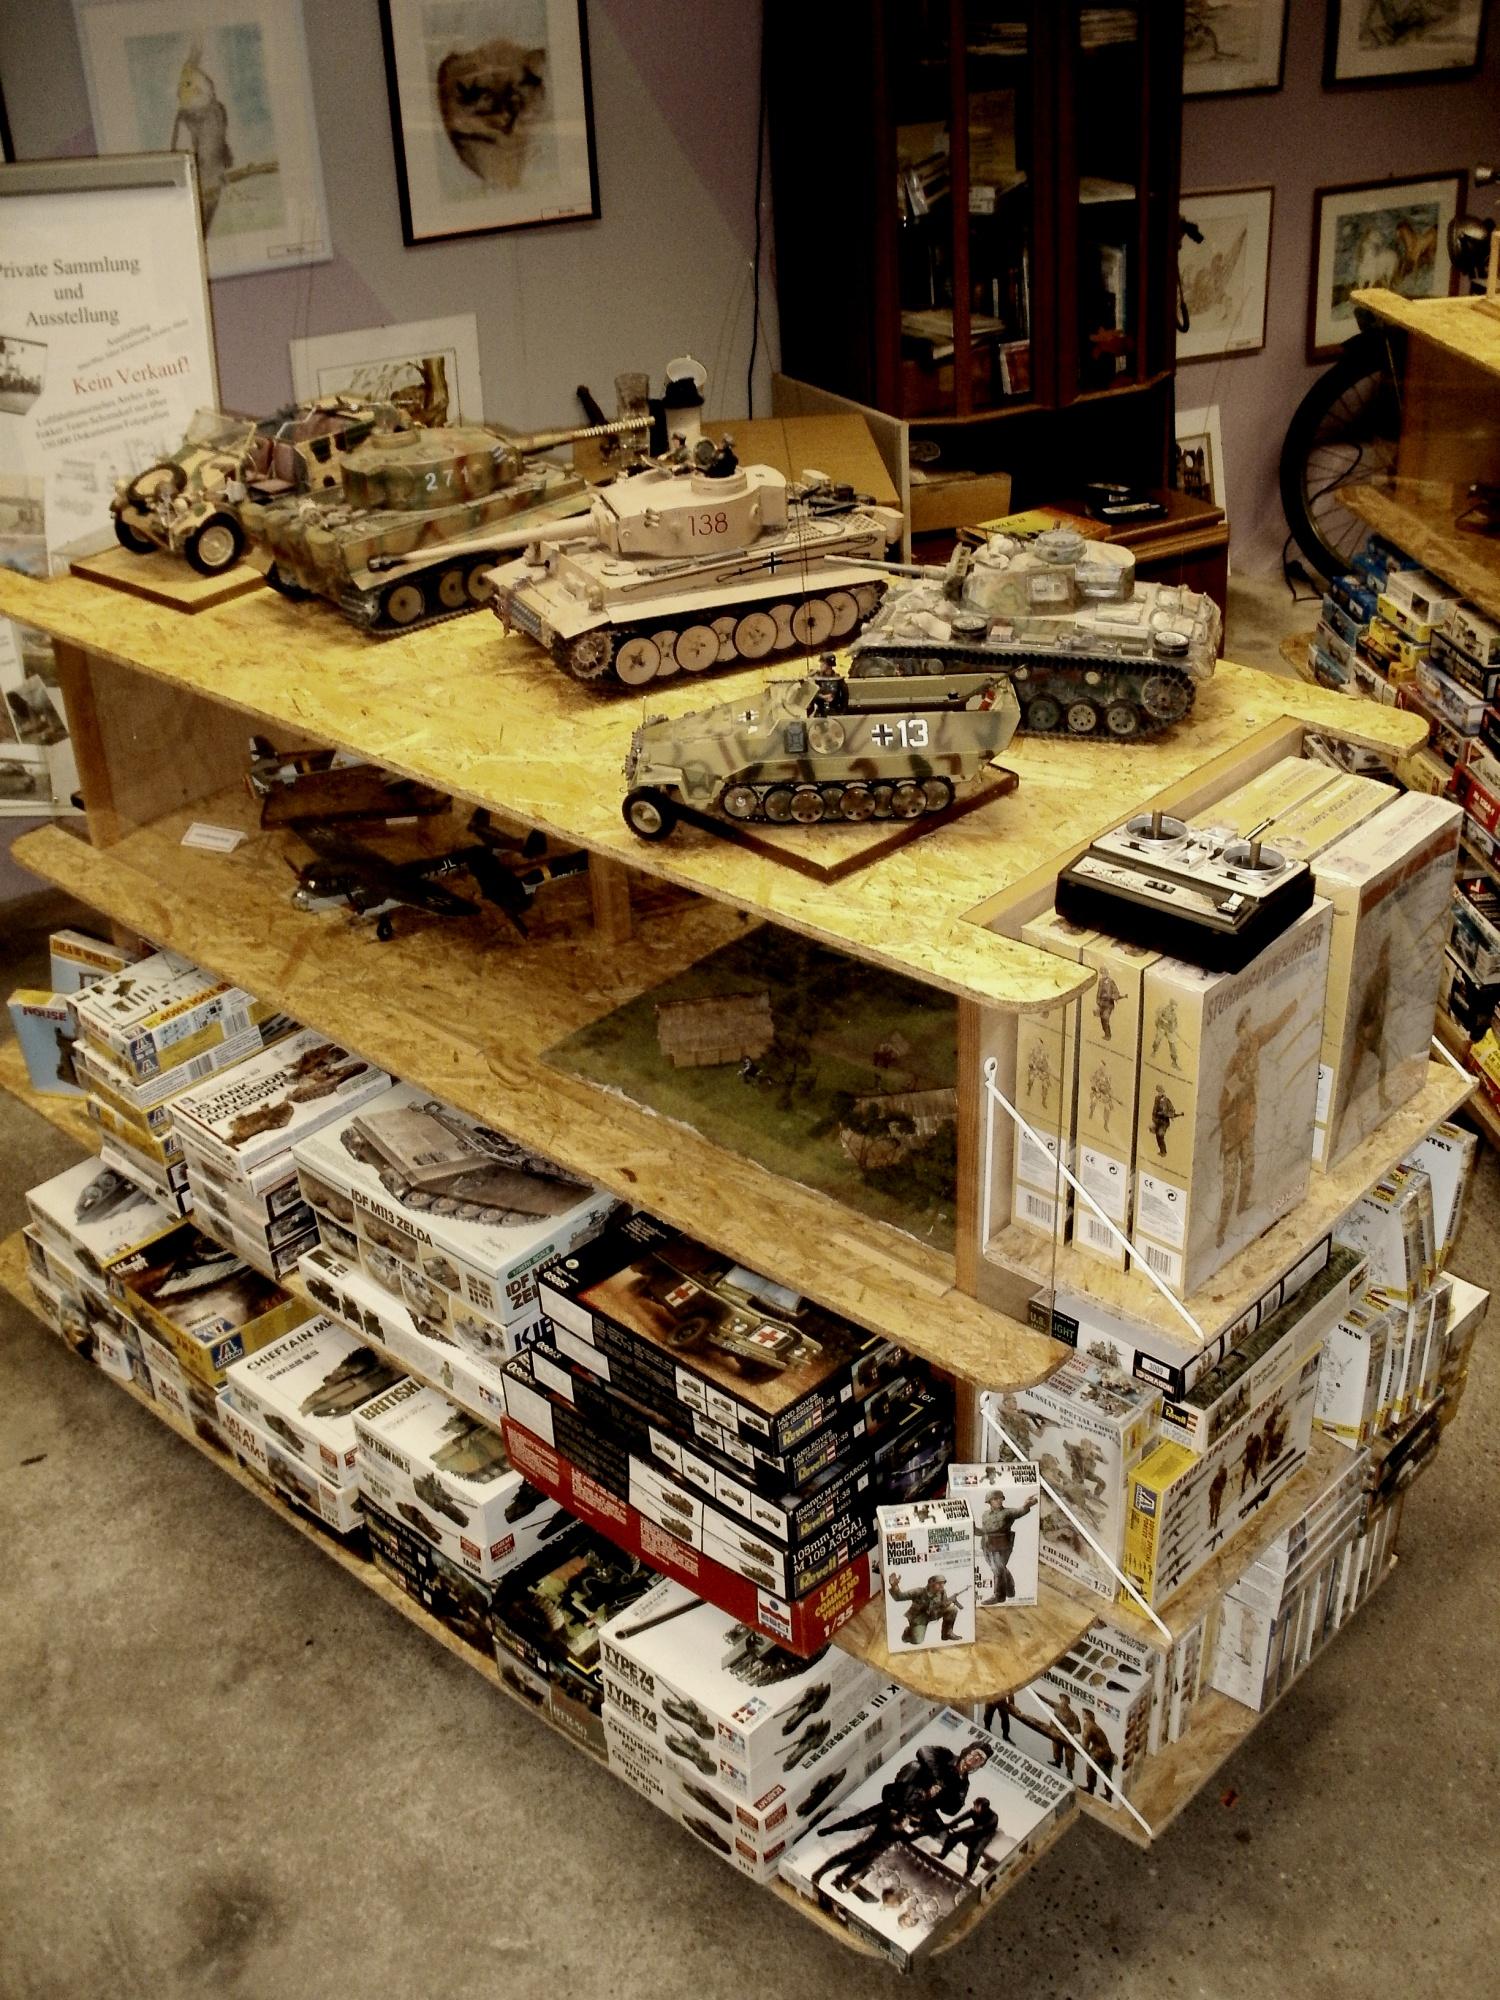 Modelle, die noch gebaut werden wollen und solche, die schon gebaut wurden.